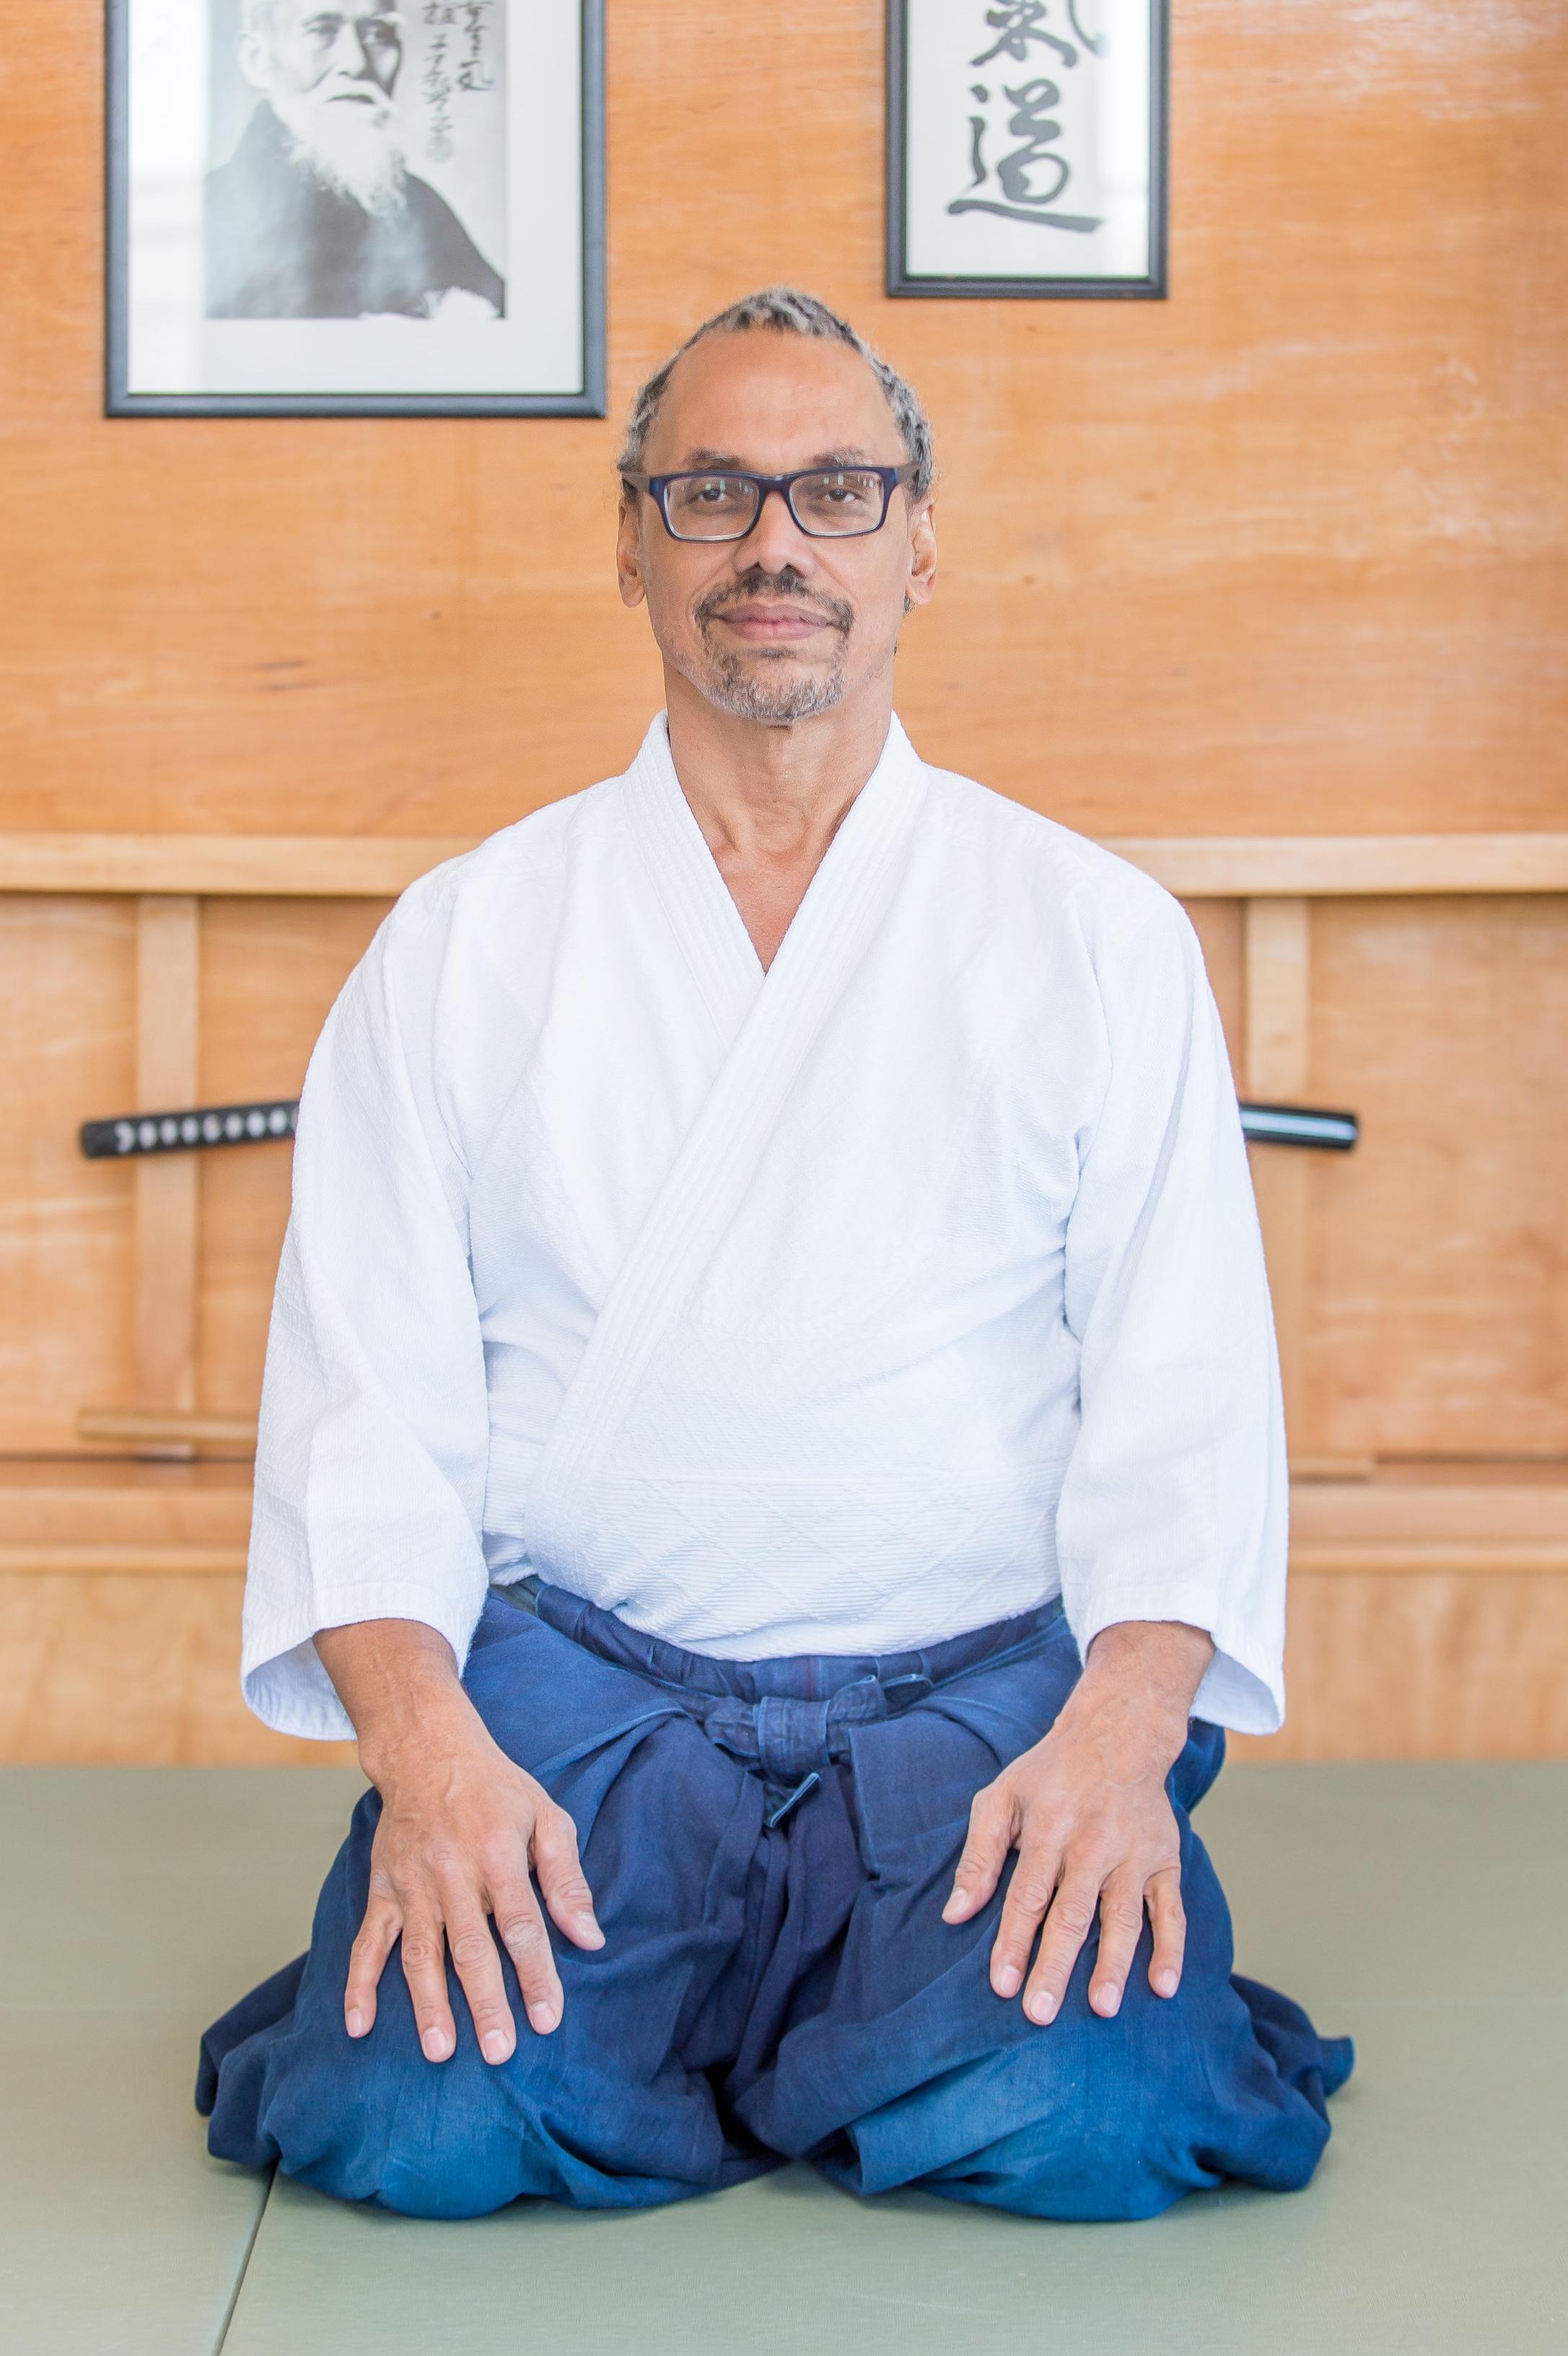 Arturo+-+Aikido-29.jpg